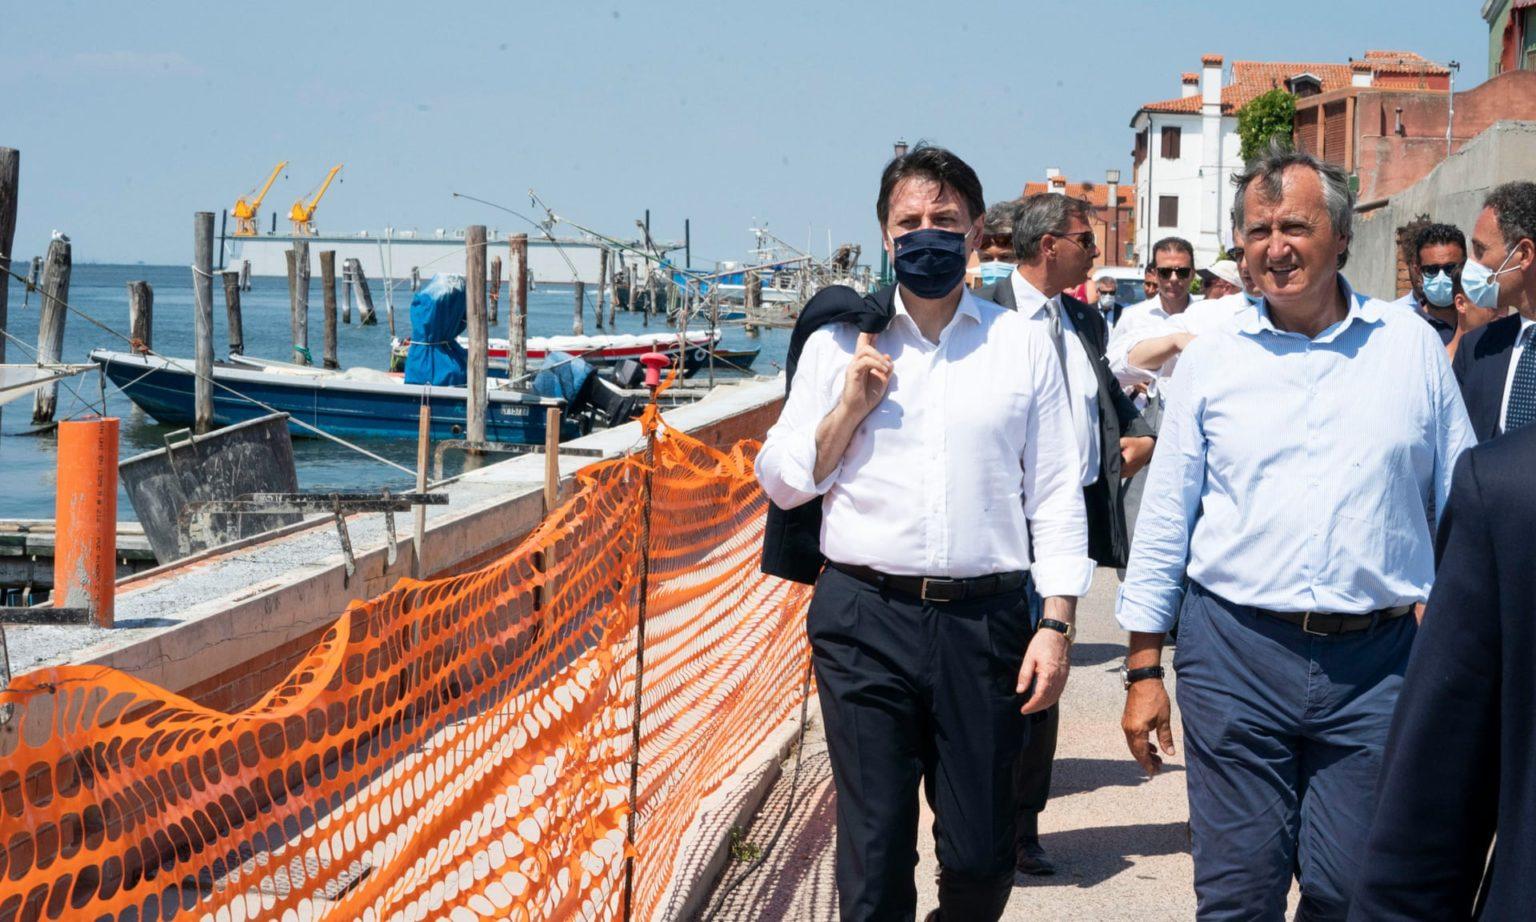 У Венеції вперше протестували шлюзи для захисту від повеней